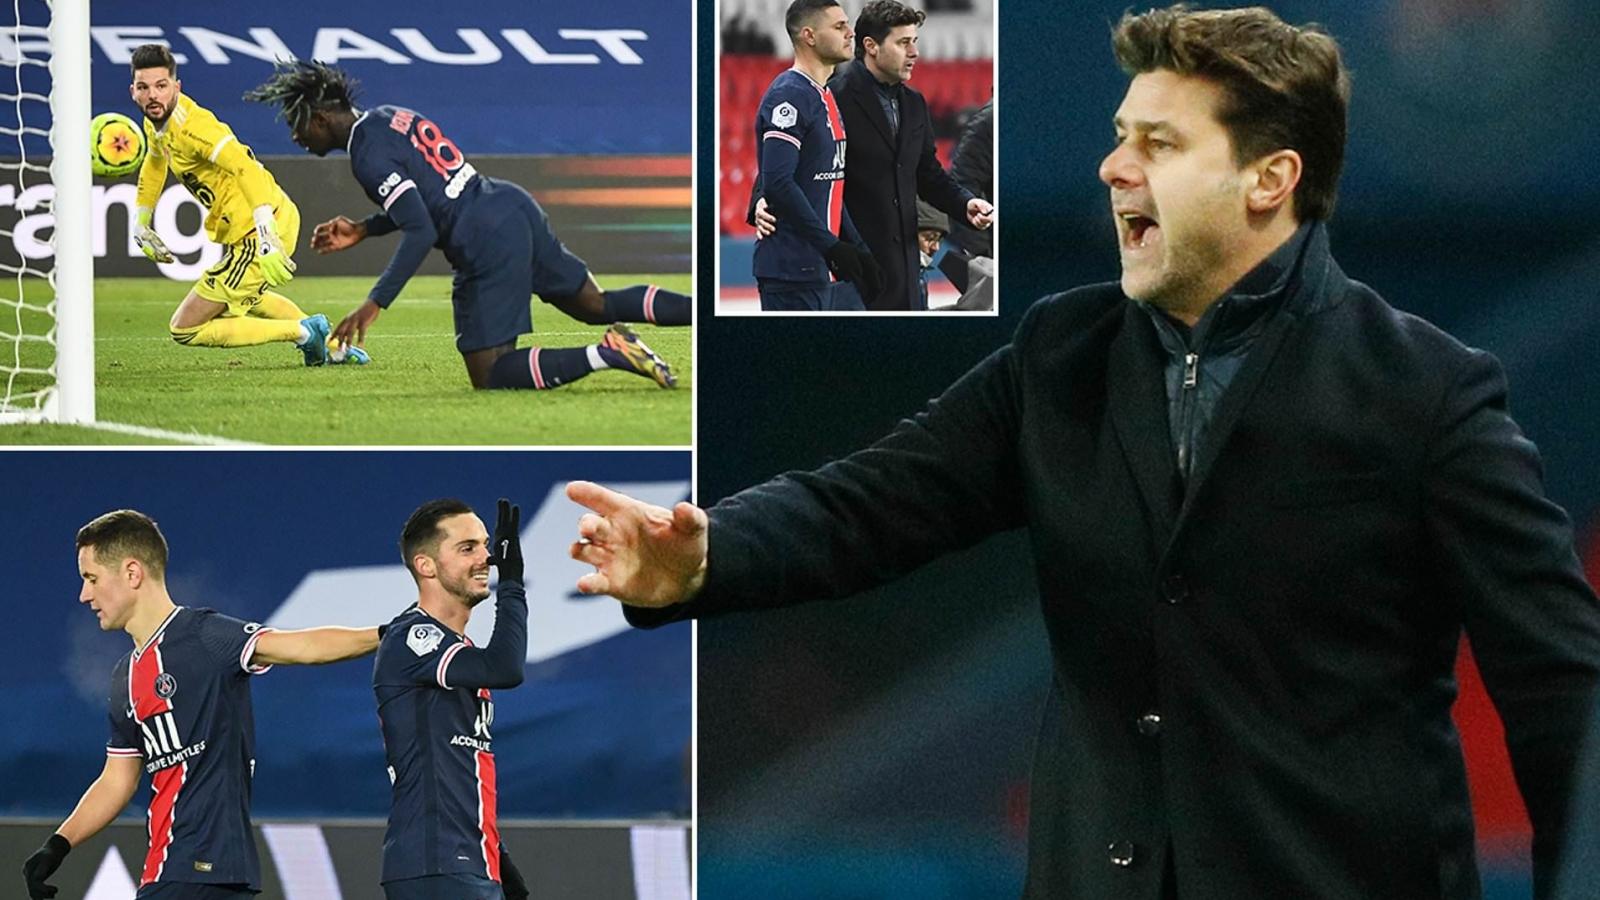 PSG giành chiến thắng đầu tiên dưới thời HLV Mauricio Pochettino